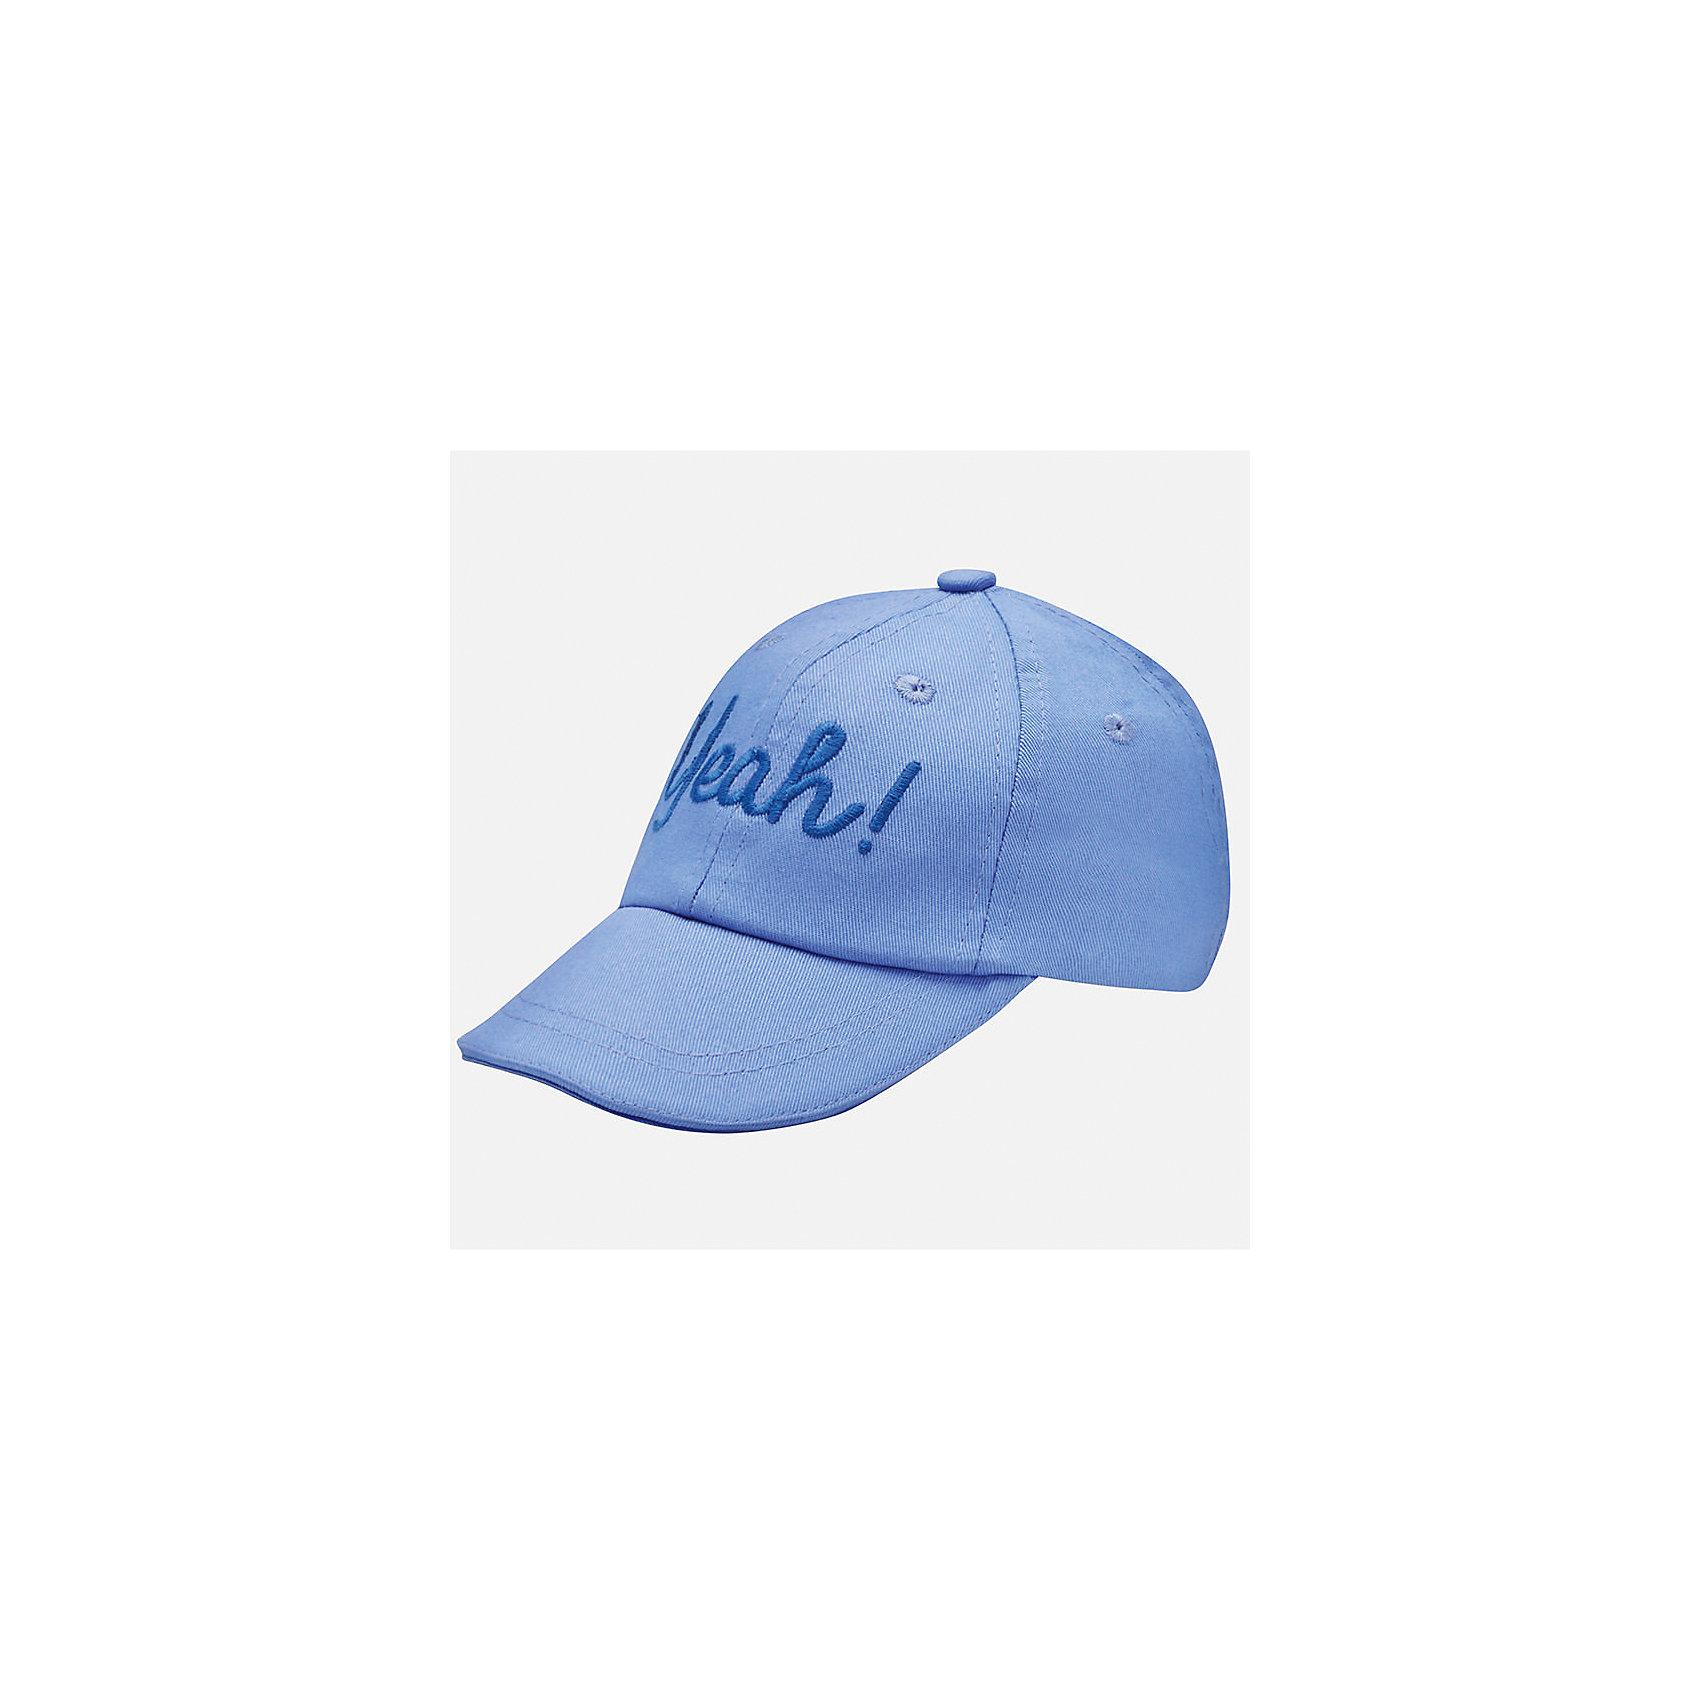 Кепка для мальчика MayoralГоловные уборы<br>Характеристики товара:<br><br>• цвет: голубой<br>• состав: 100% хлопок, подкладка - 80% полиэстер, 20% хлопок<br>• сзади - резинка<br>• отверстия для вентиляции<br>• декорирована вышивкой<br>• страна бренда: Испания<br><br>Красивая удобная кепка поможет обеспечить ребенку защиту от солнца и дополнить наряд. Универсальный цвет позволяет надевать её под одежду различных расцветок. Кепка удобно сидит и красиво смотрится. В составе материала - натуральный хлопок, гипоаллергенный, приятный на ощупь, дышащий. <br><br>Одежда, обувь и аксессуары от испанского бренда Mayoral полюбились детям и взрослым по всему миру. Модели этой марки - стильные и удобные. Для их производства используются только безопасные, качественные материалы и фурнитура. Порадуйте ребенка модными и красивыми вещами от Mayoral! <br><br>Кепку для мальчика от испанского бренда Mayoral (Майорал) можно купить в нашем интернет-магазине.<br><br>Ширина мм: 89<br>Глубина мм: 117<br>Высота мм: 44<br>Вес г: 155<br>Цвет: белый<br>Возраст от месяцев: 12<br>Возраст до месяцев: 18<br>Пол: Мужской<br>Возраст: Детский<br>Размер: 48,50<br>SKU: 5294262